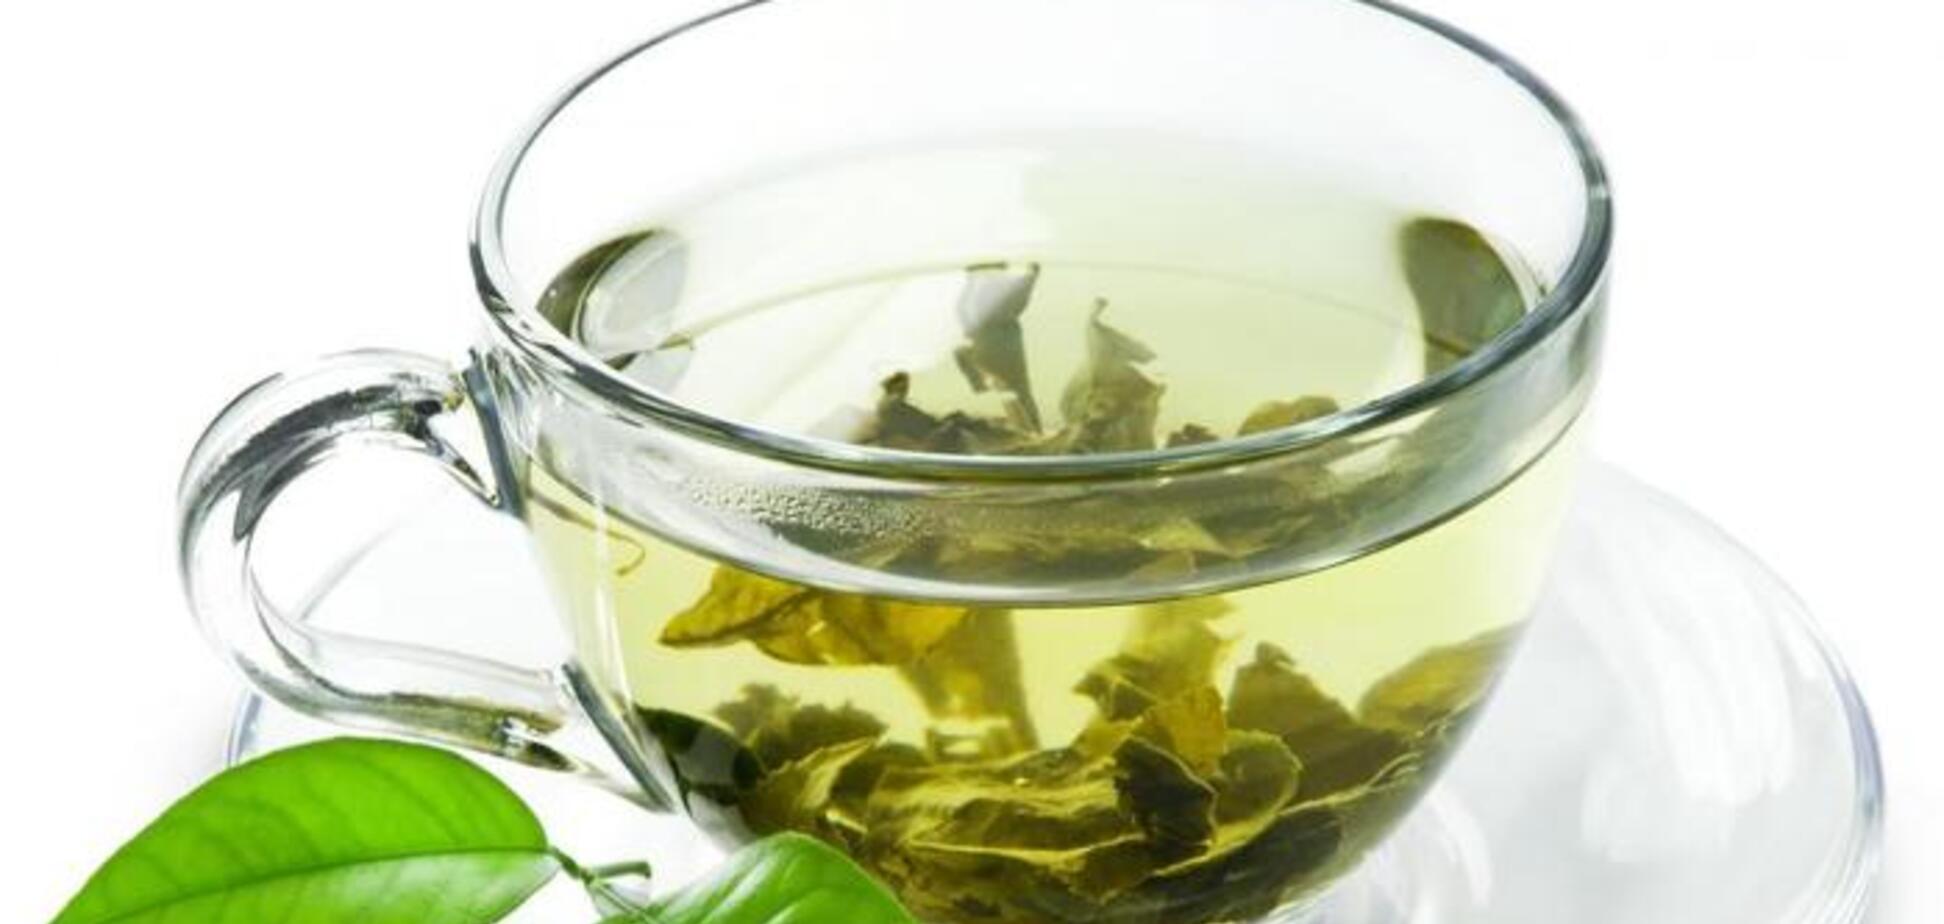 Учені виявили ще одну властивість зеленого чаю